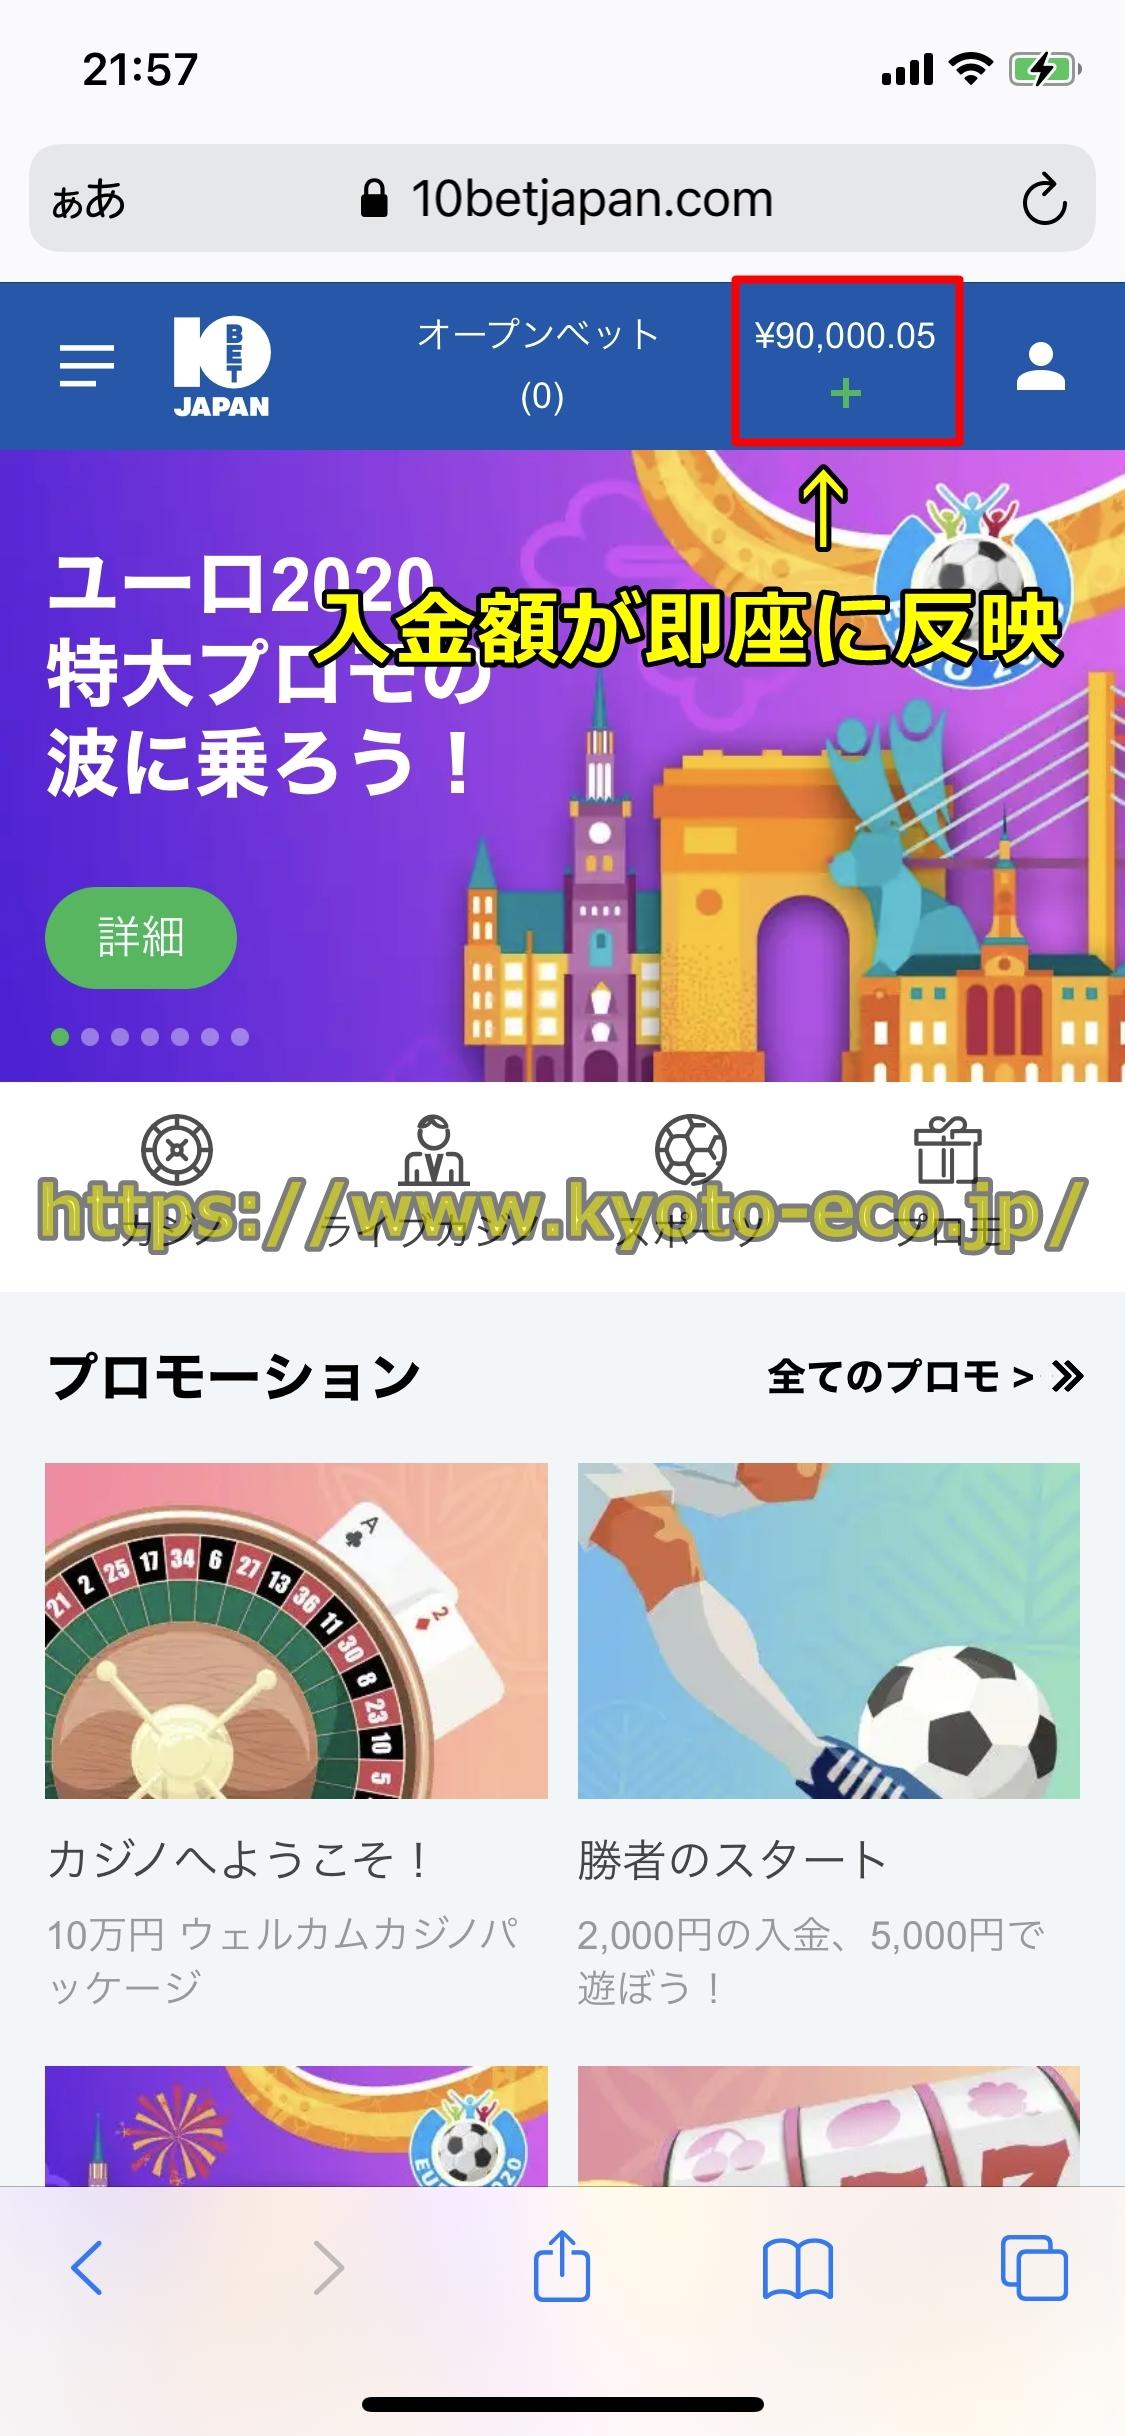 10betJapan